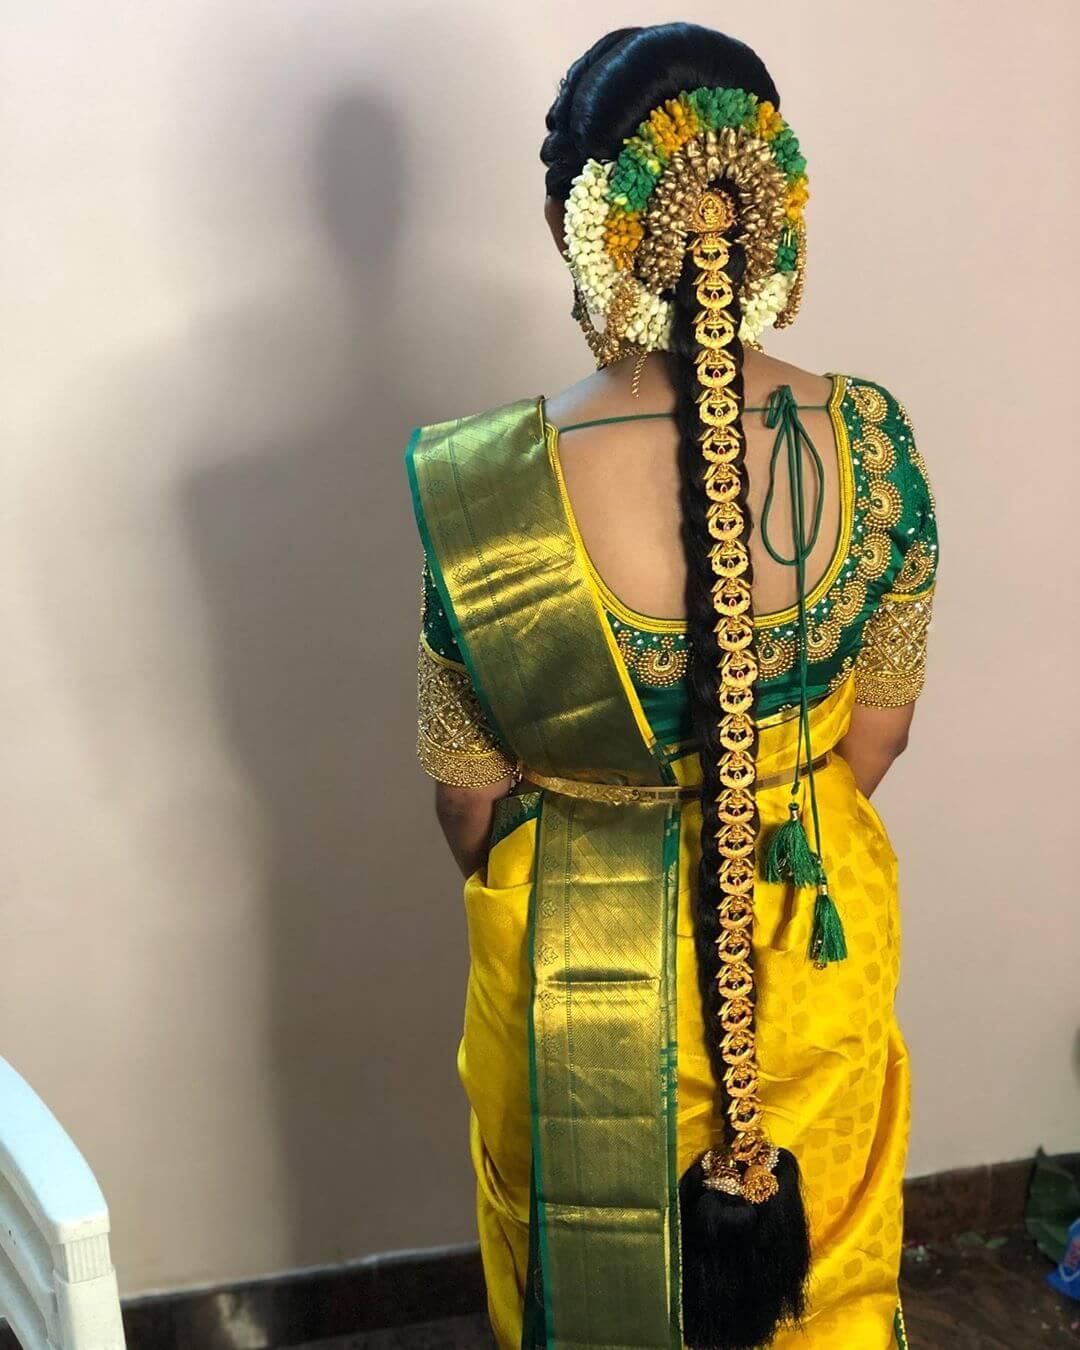 Circular Gold Jada Traditional South Indian Bridal Hairstyles